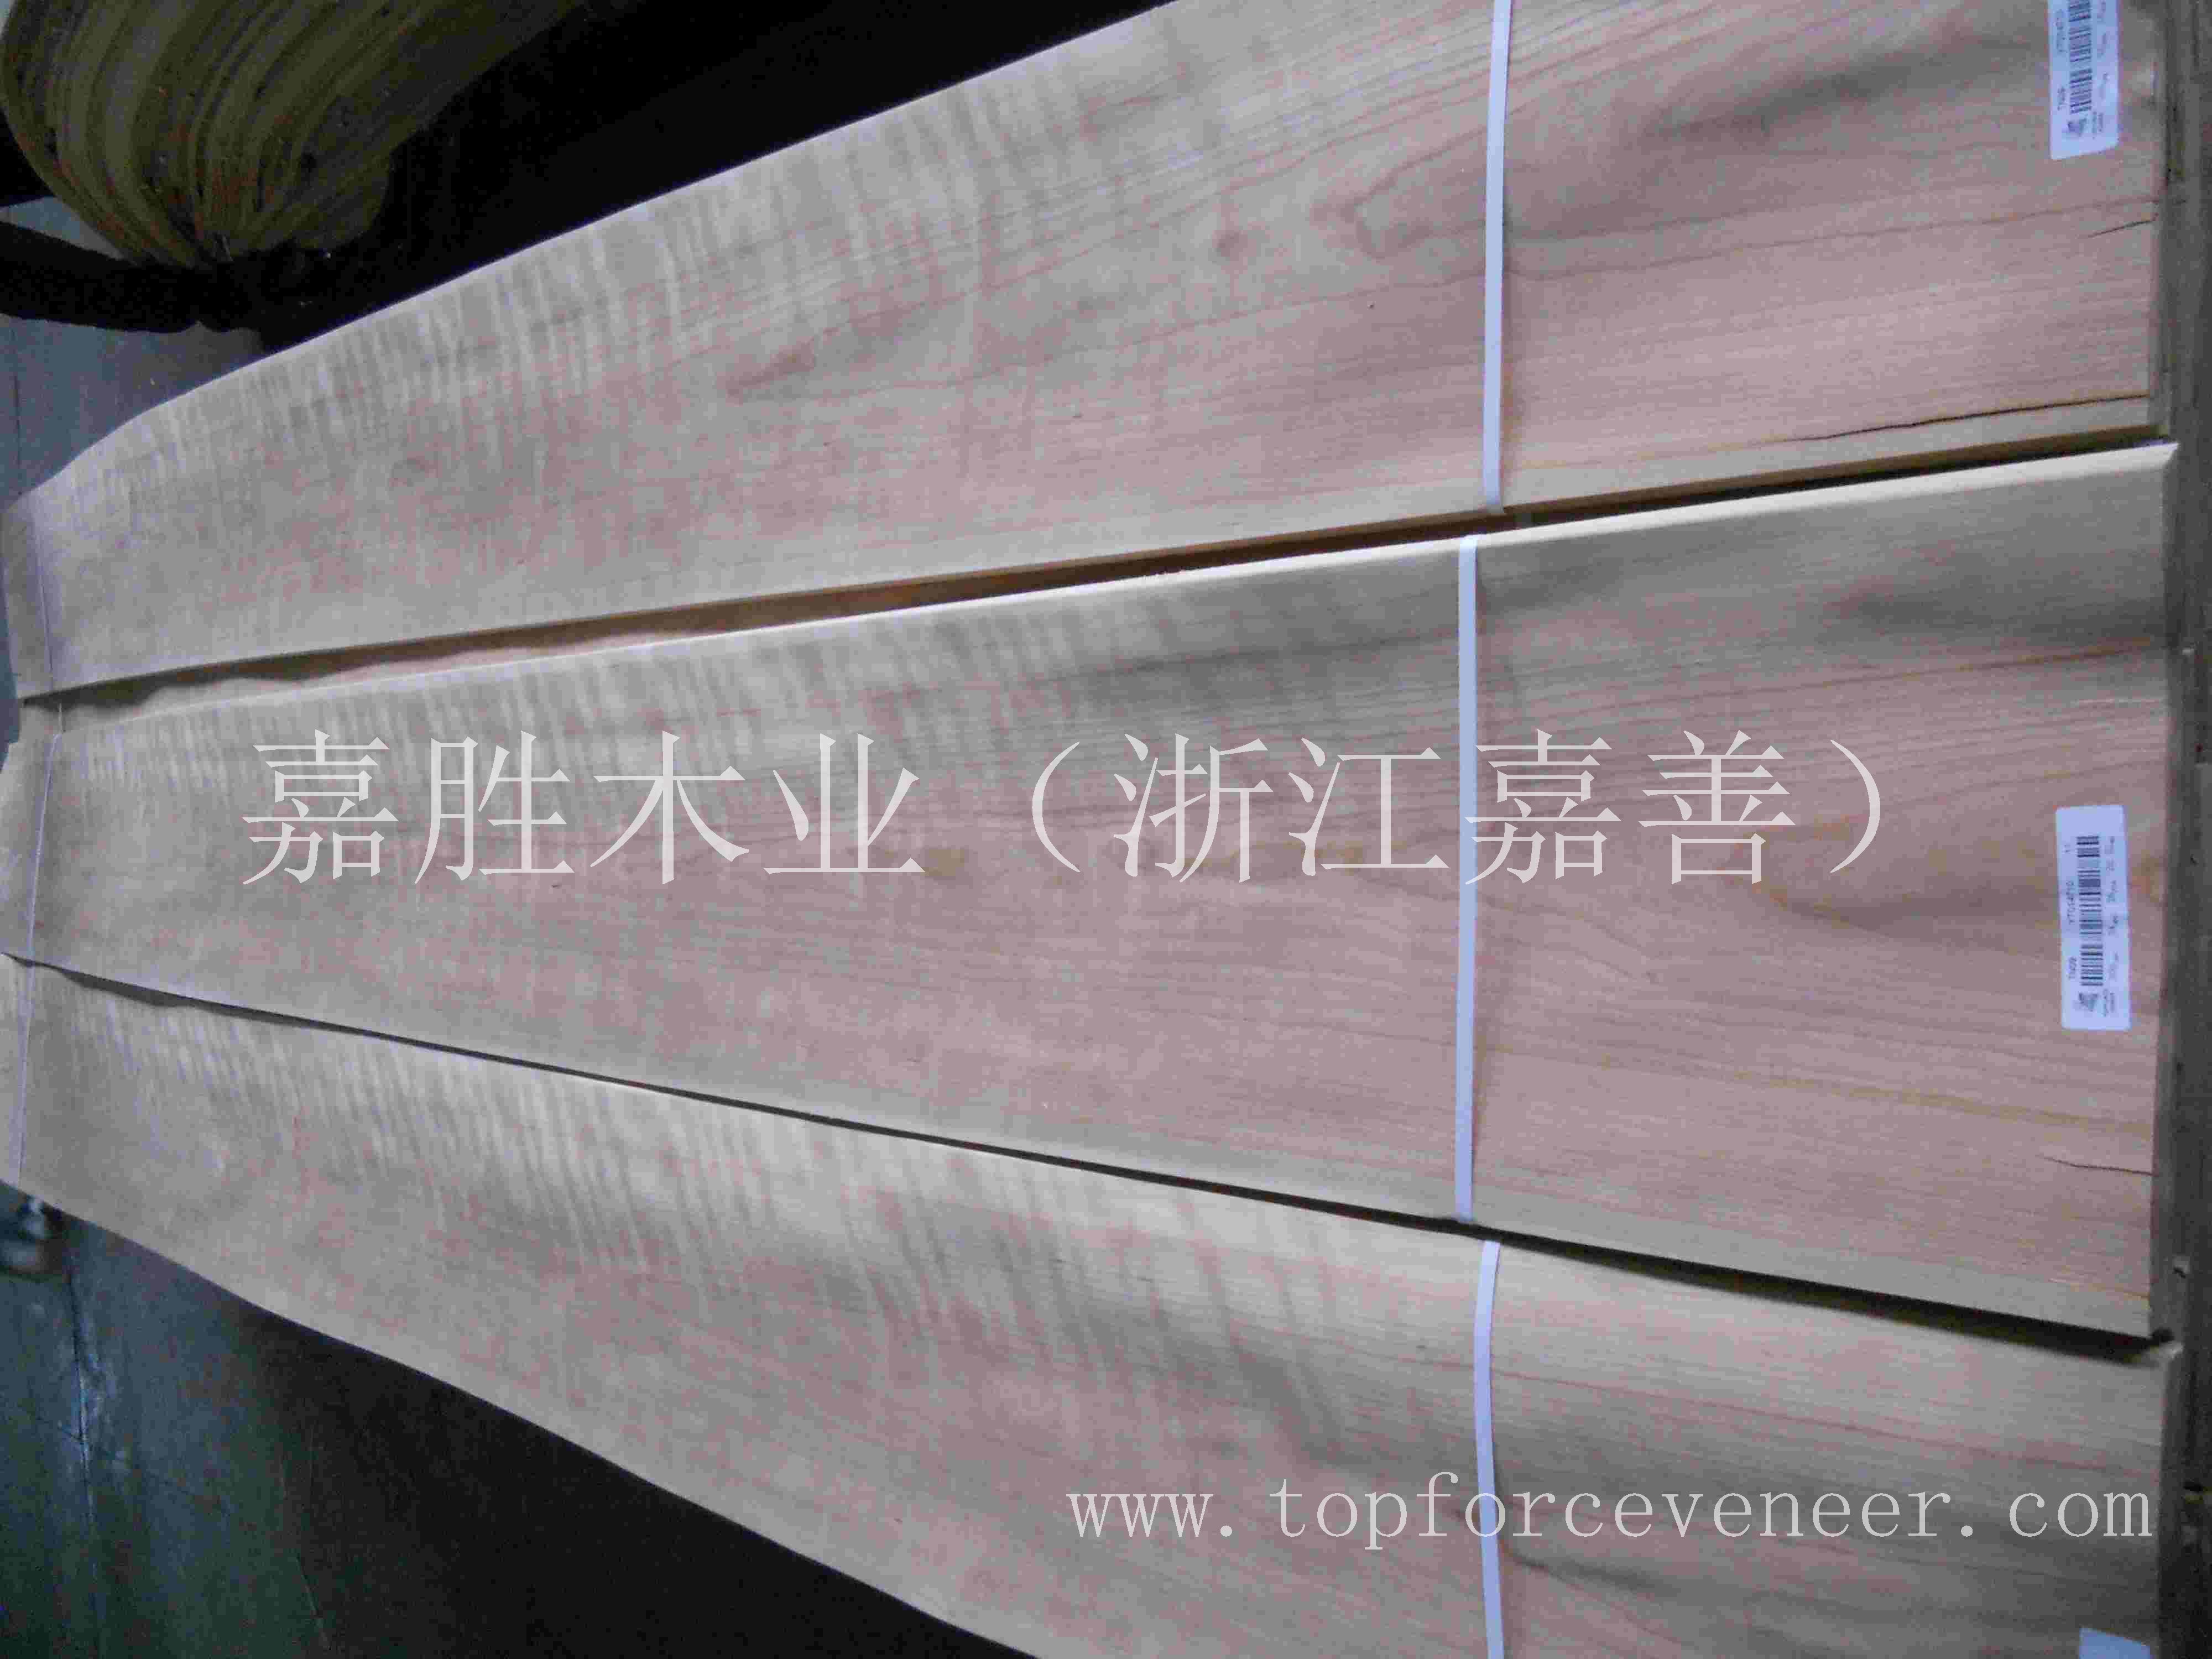 浙江嘉善美国樱桃带影排骨影水波影木皮-ZheJiang JiaShan American Black Cherry Veneer Fiddle Back Figur